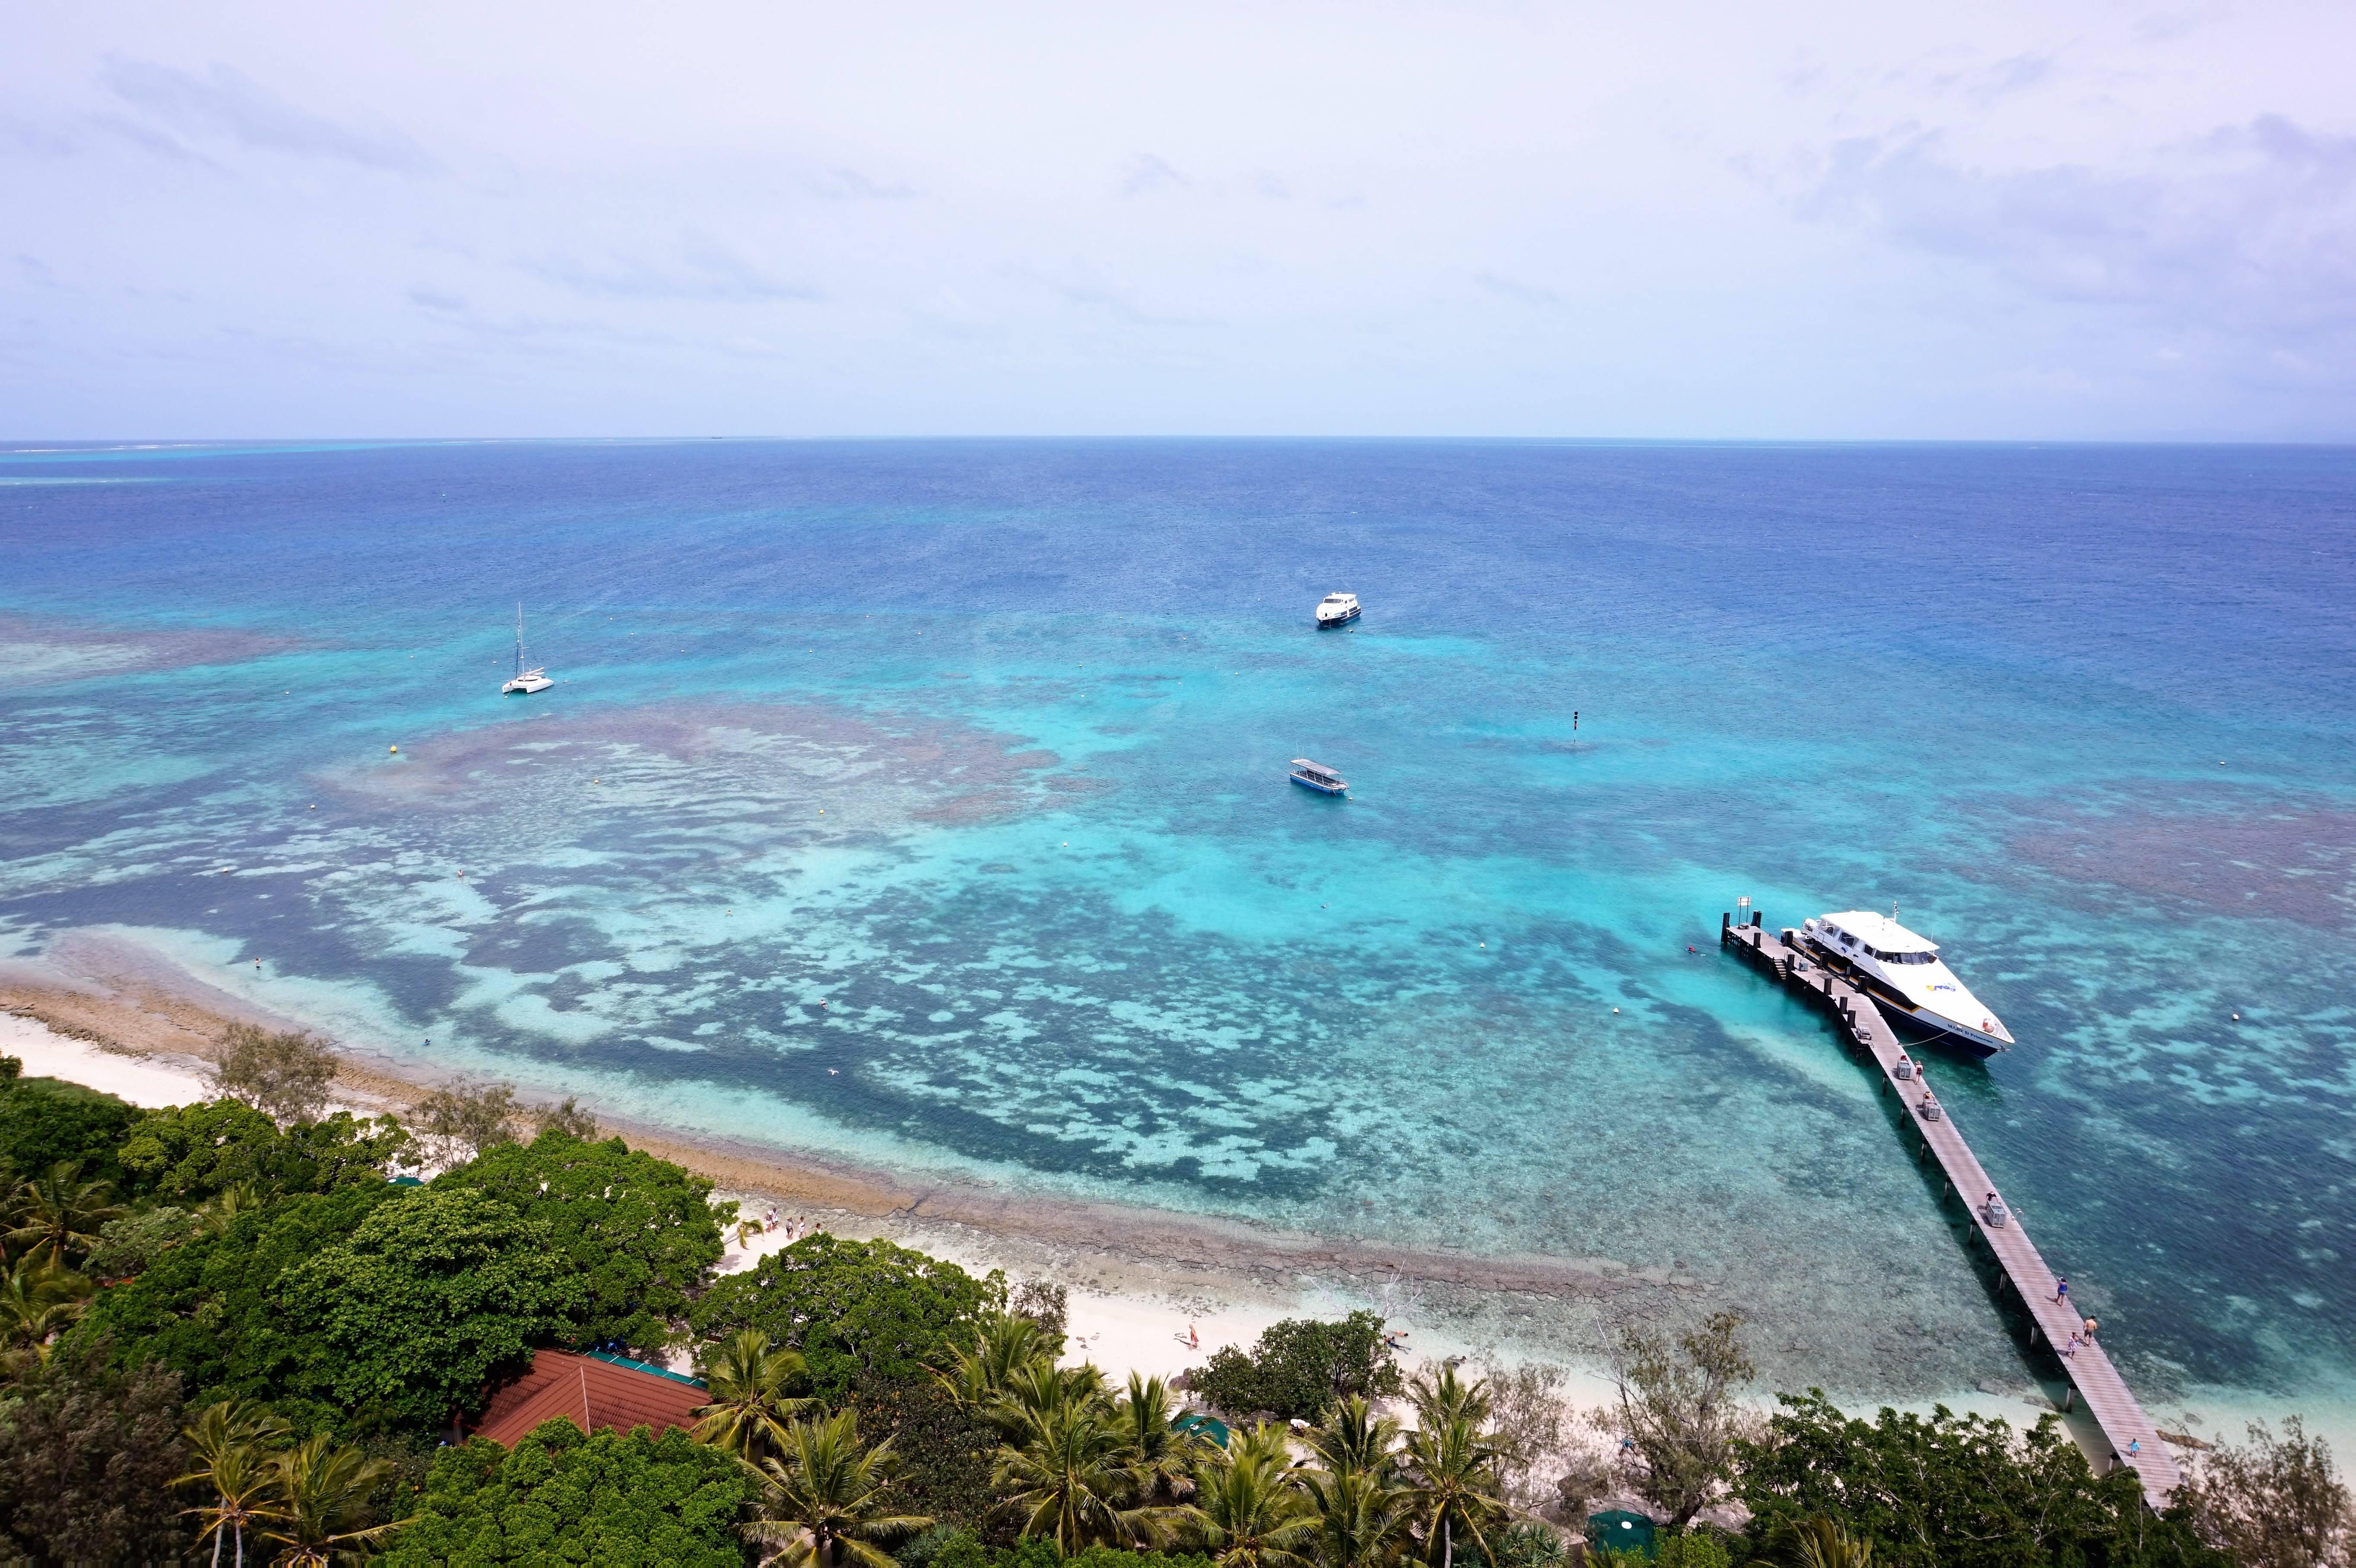 Photo 1: Nouvelle Calédonie - Phare Amédée